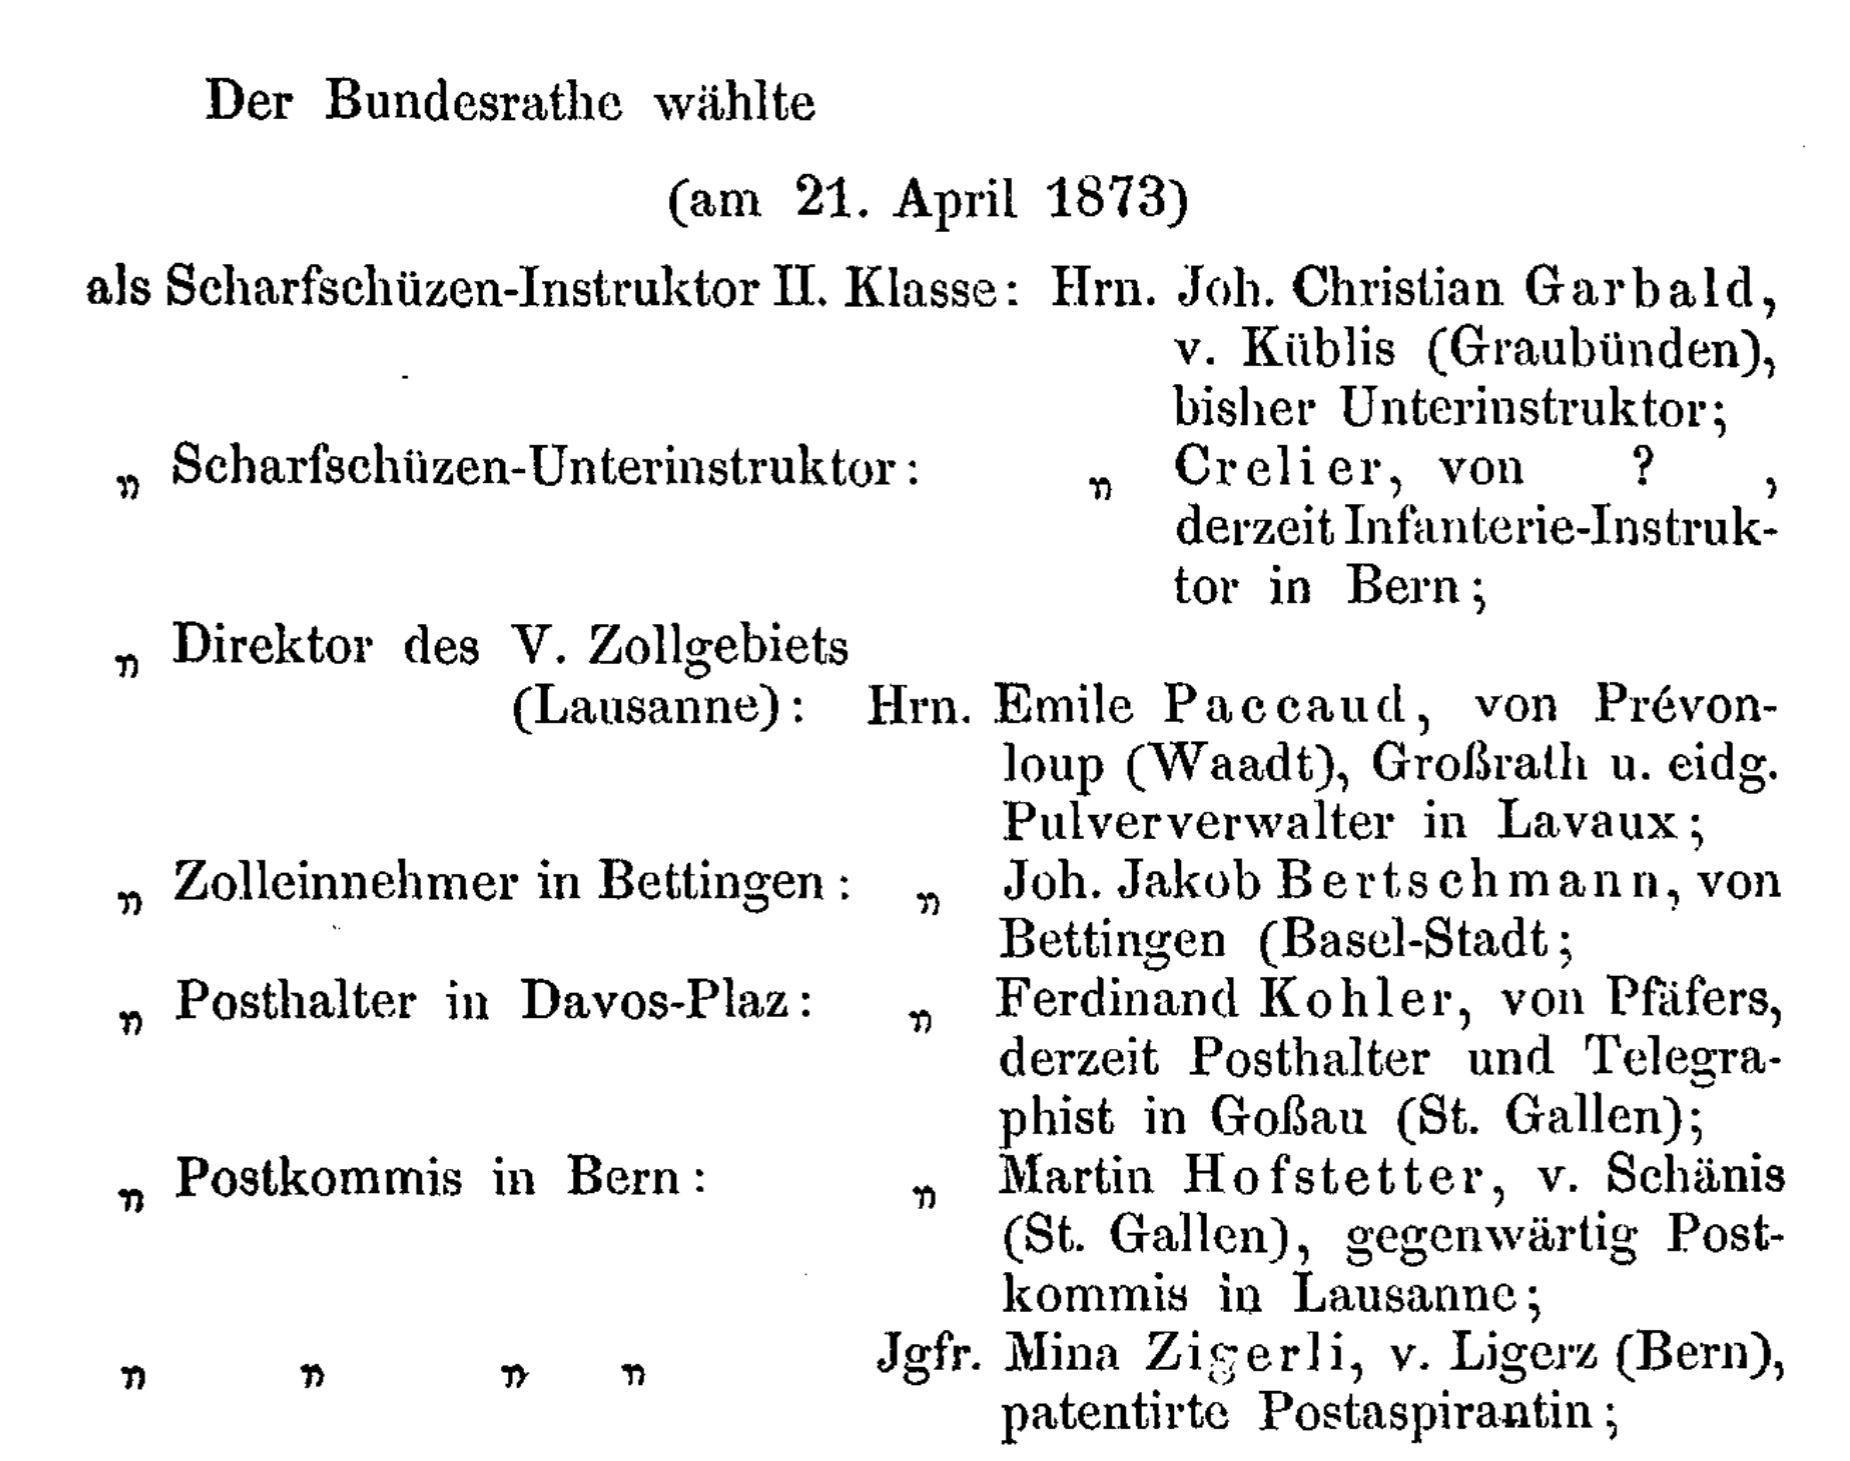 Ferdinand Kohler von Pfäfers